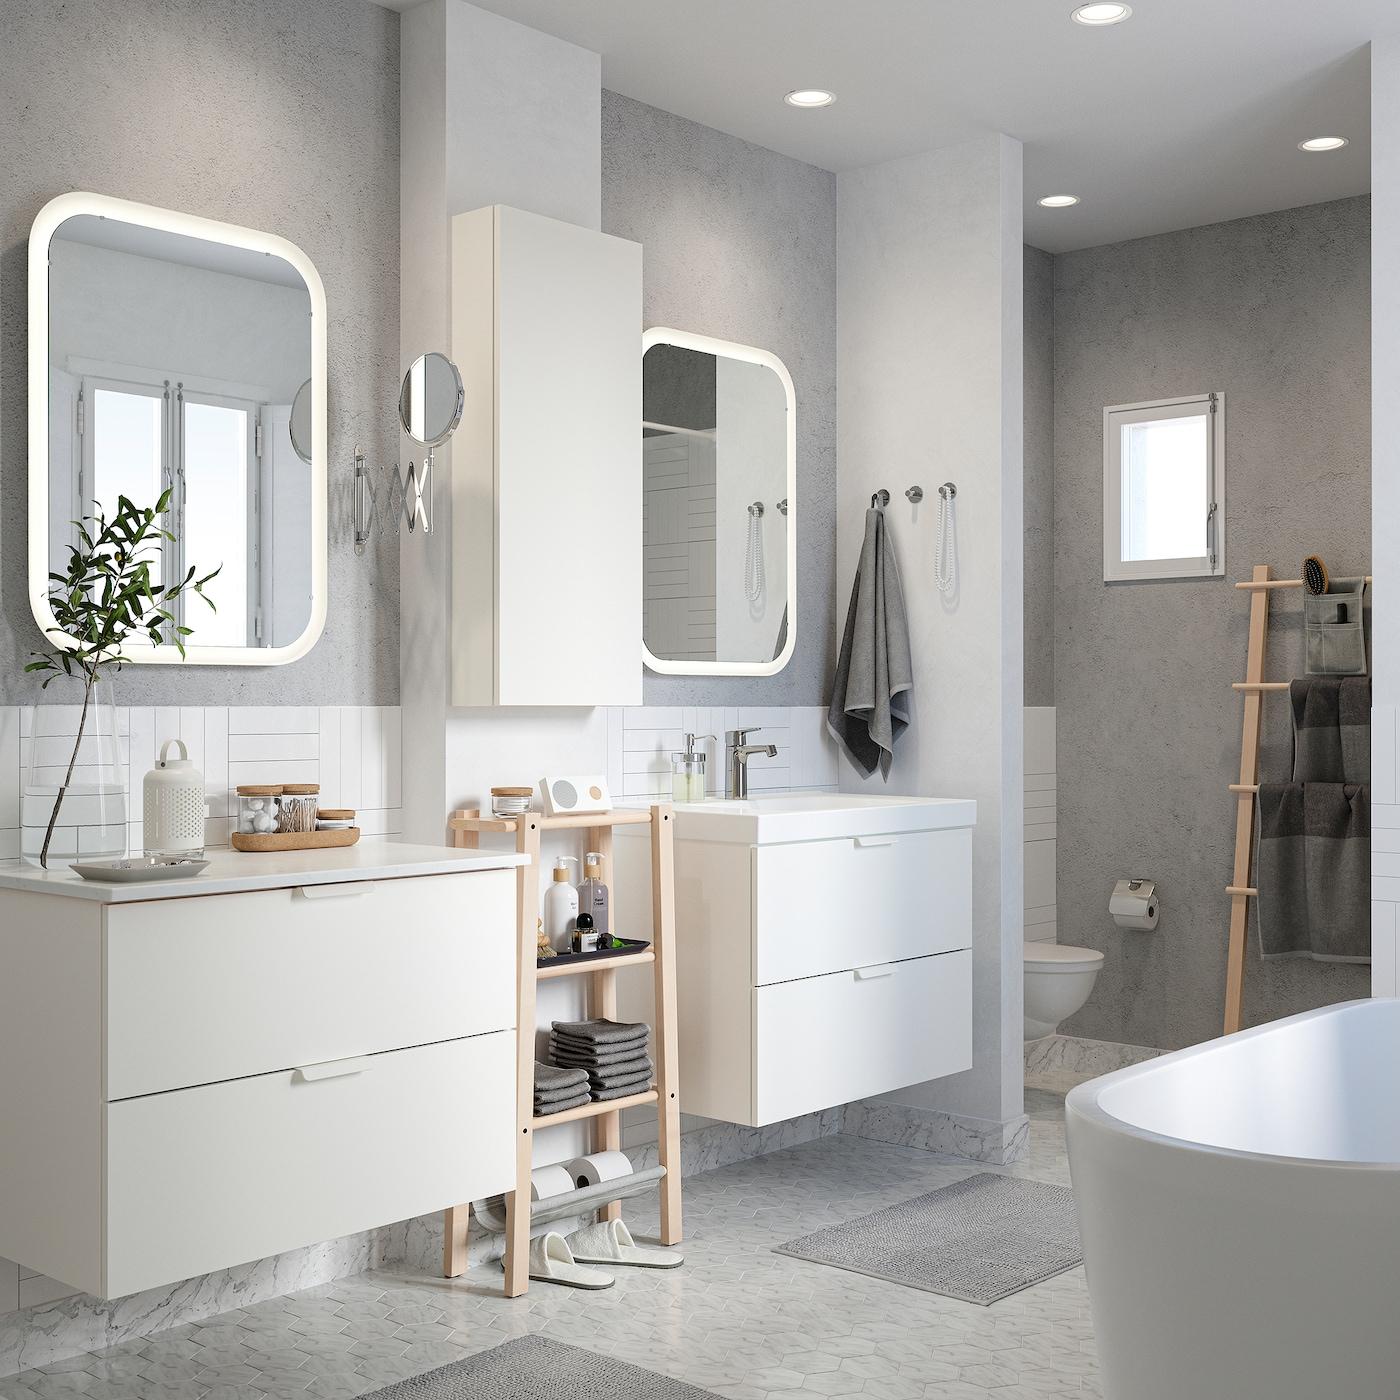 Salle de bains d'un blanc impeccable avec deux meubles-lavabos, deux miroirs avec éclairage intégré, tapis de bain gris clair et serviettes grises.